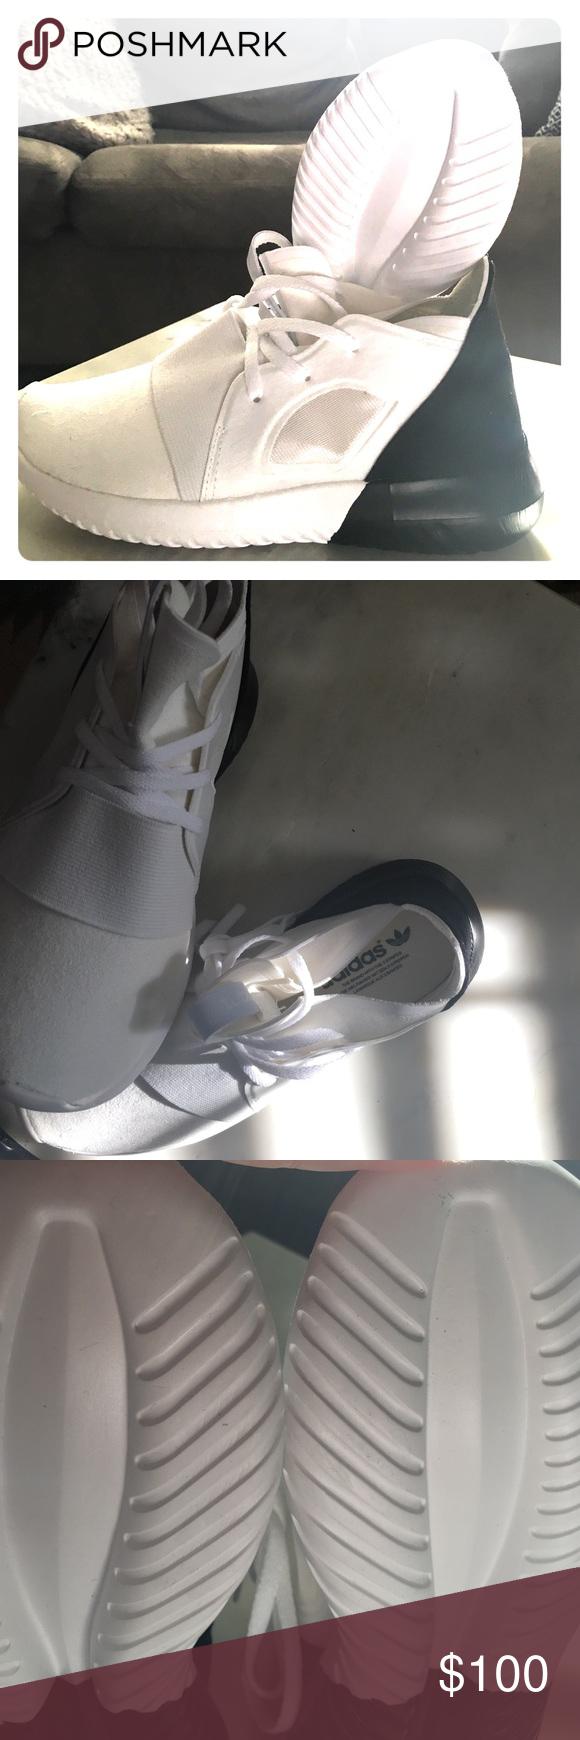 Adidas Tubular Womens Size 5